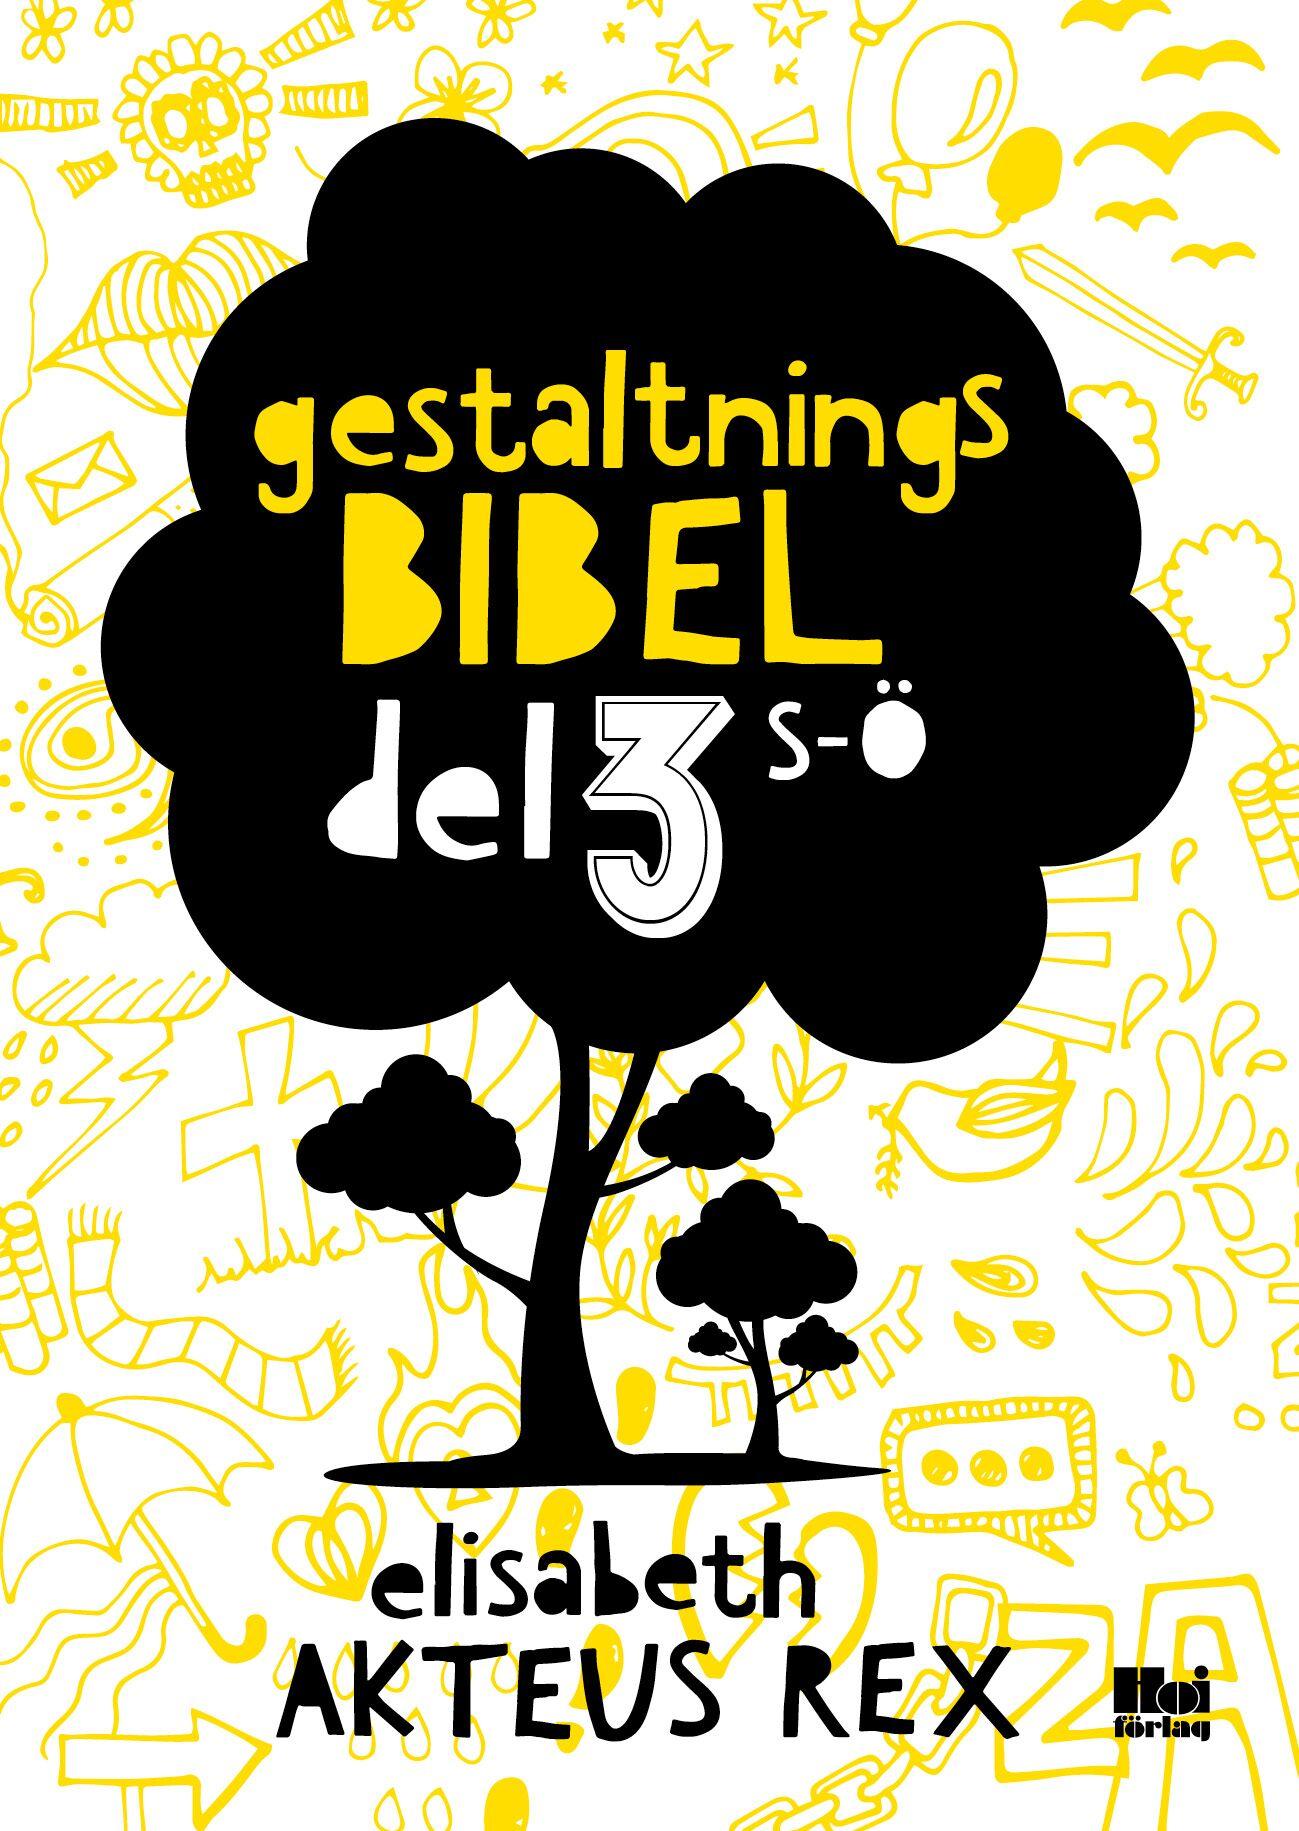 Gestaltningsbibeln del 3 s-ö